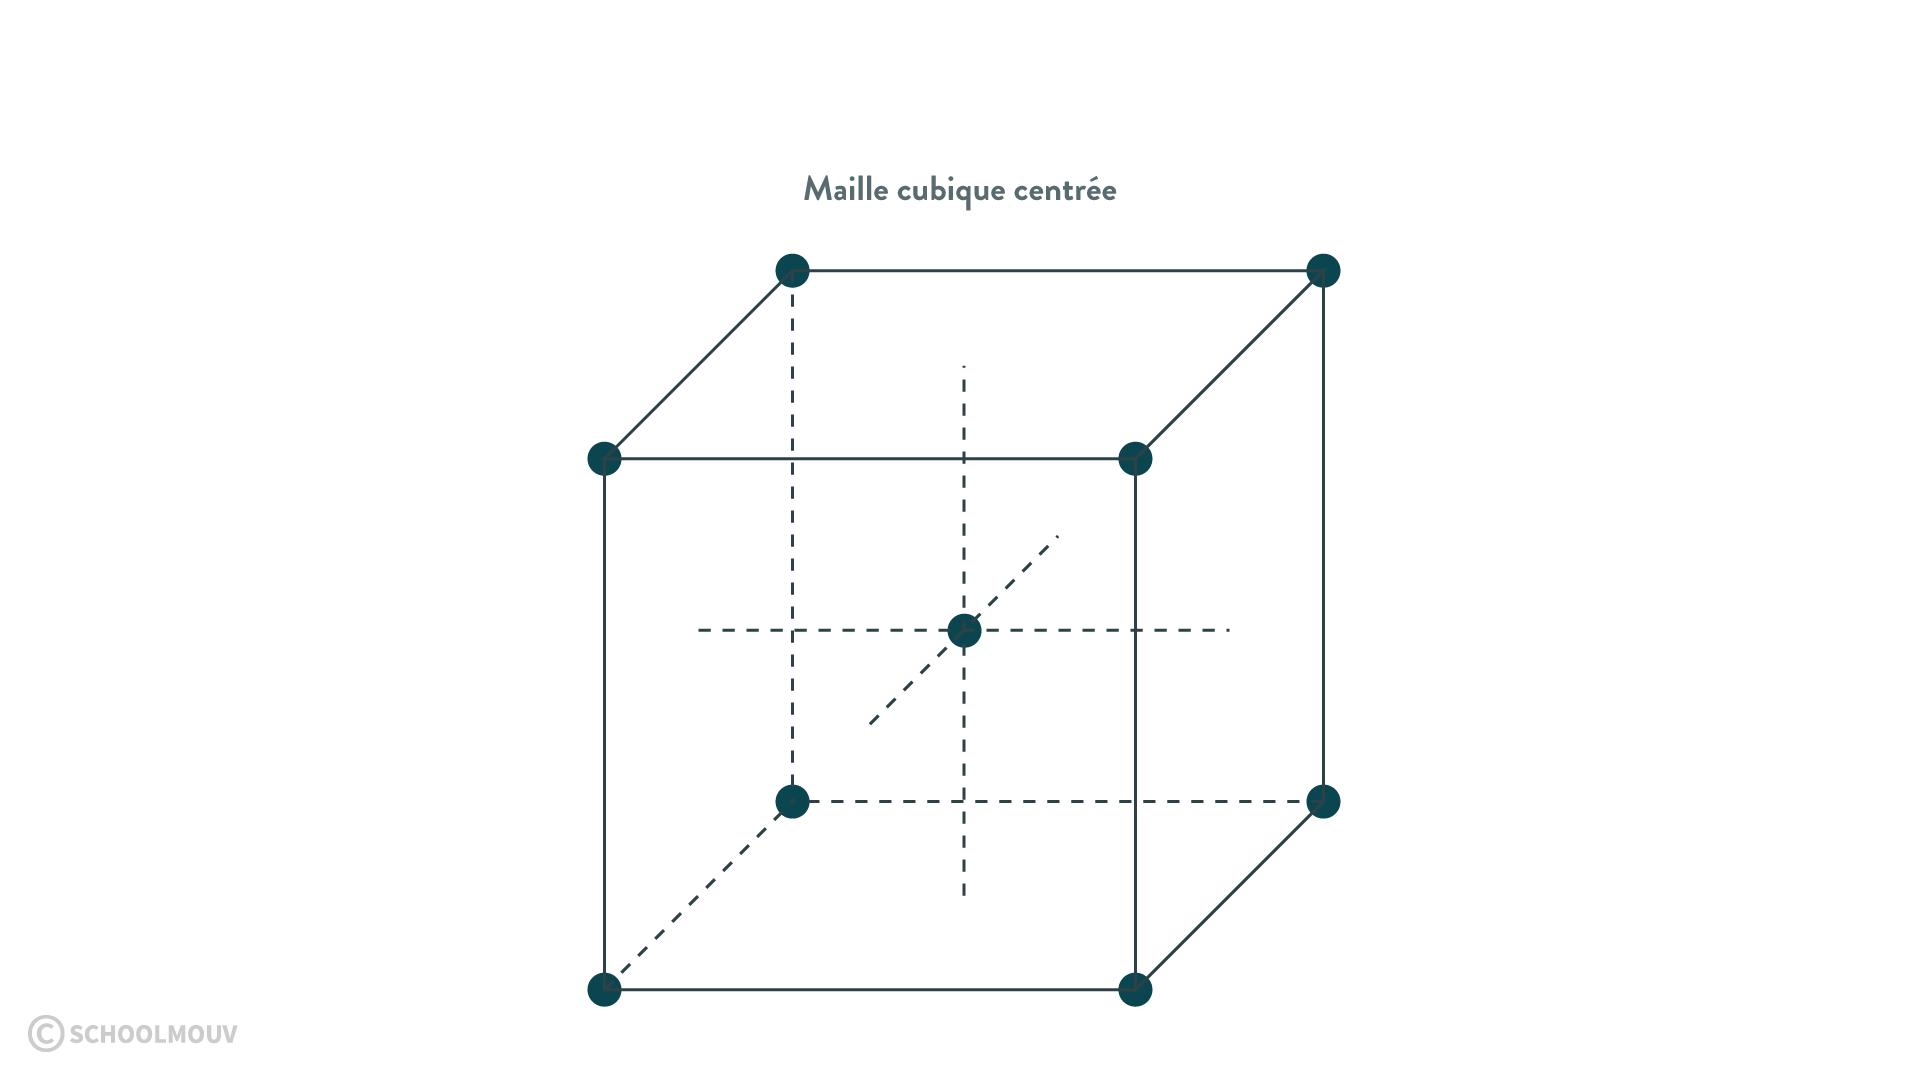 cristal maille cubique centrée